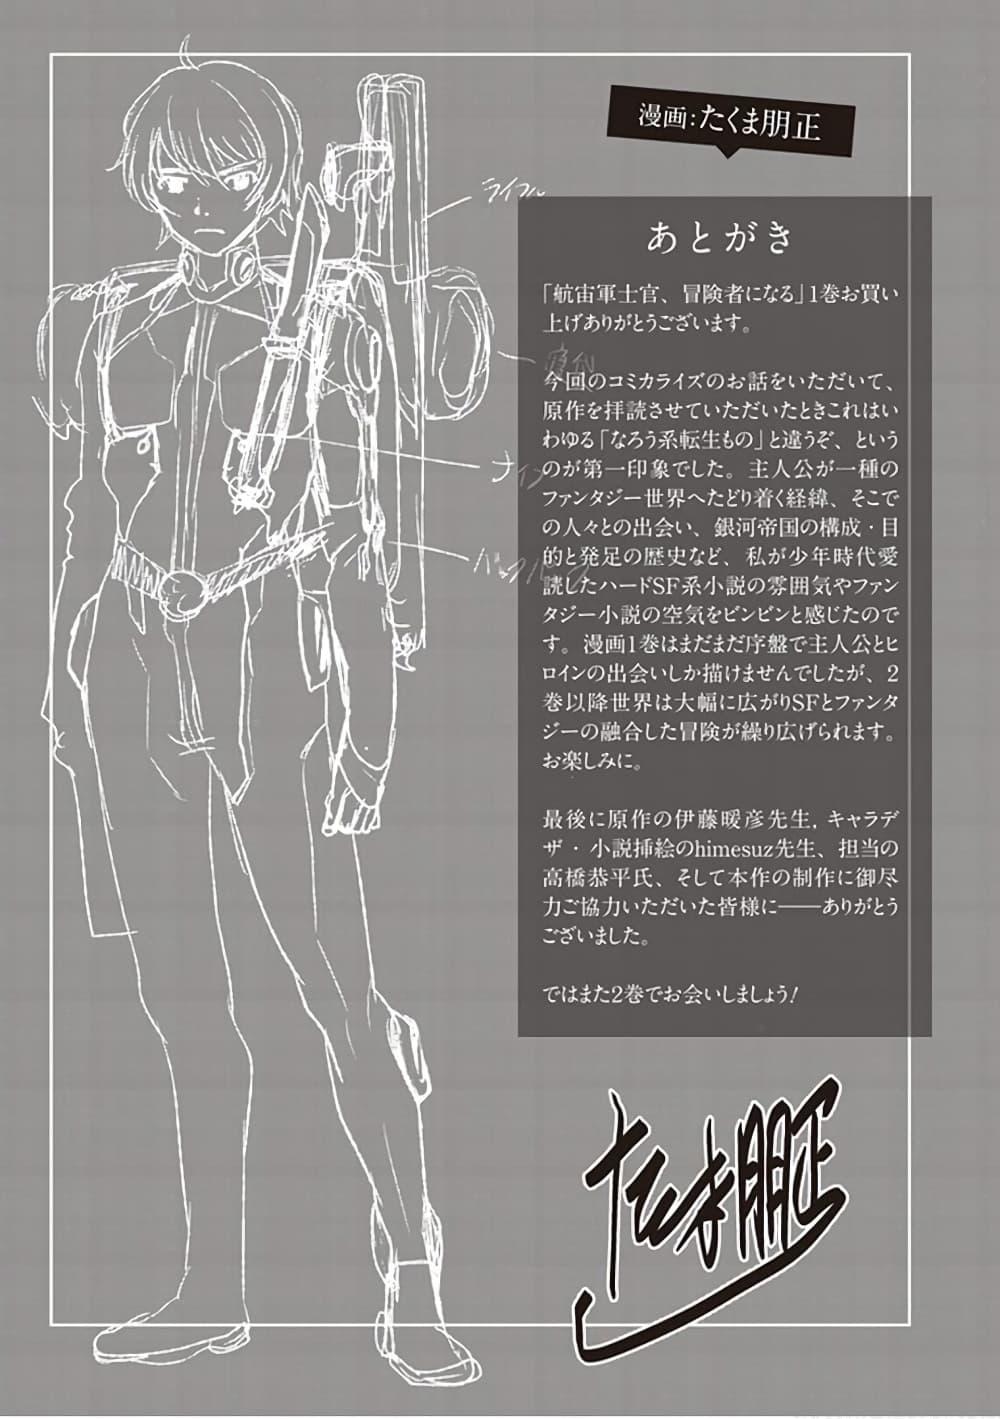 อ่านการ์ตูน The Galactic Navy Officer Becomes an Adventurer ตอนที่ 6 หน้าที่ 27